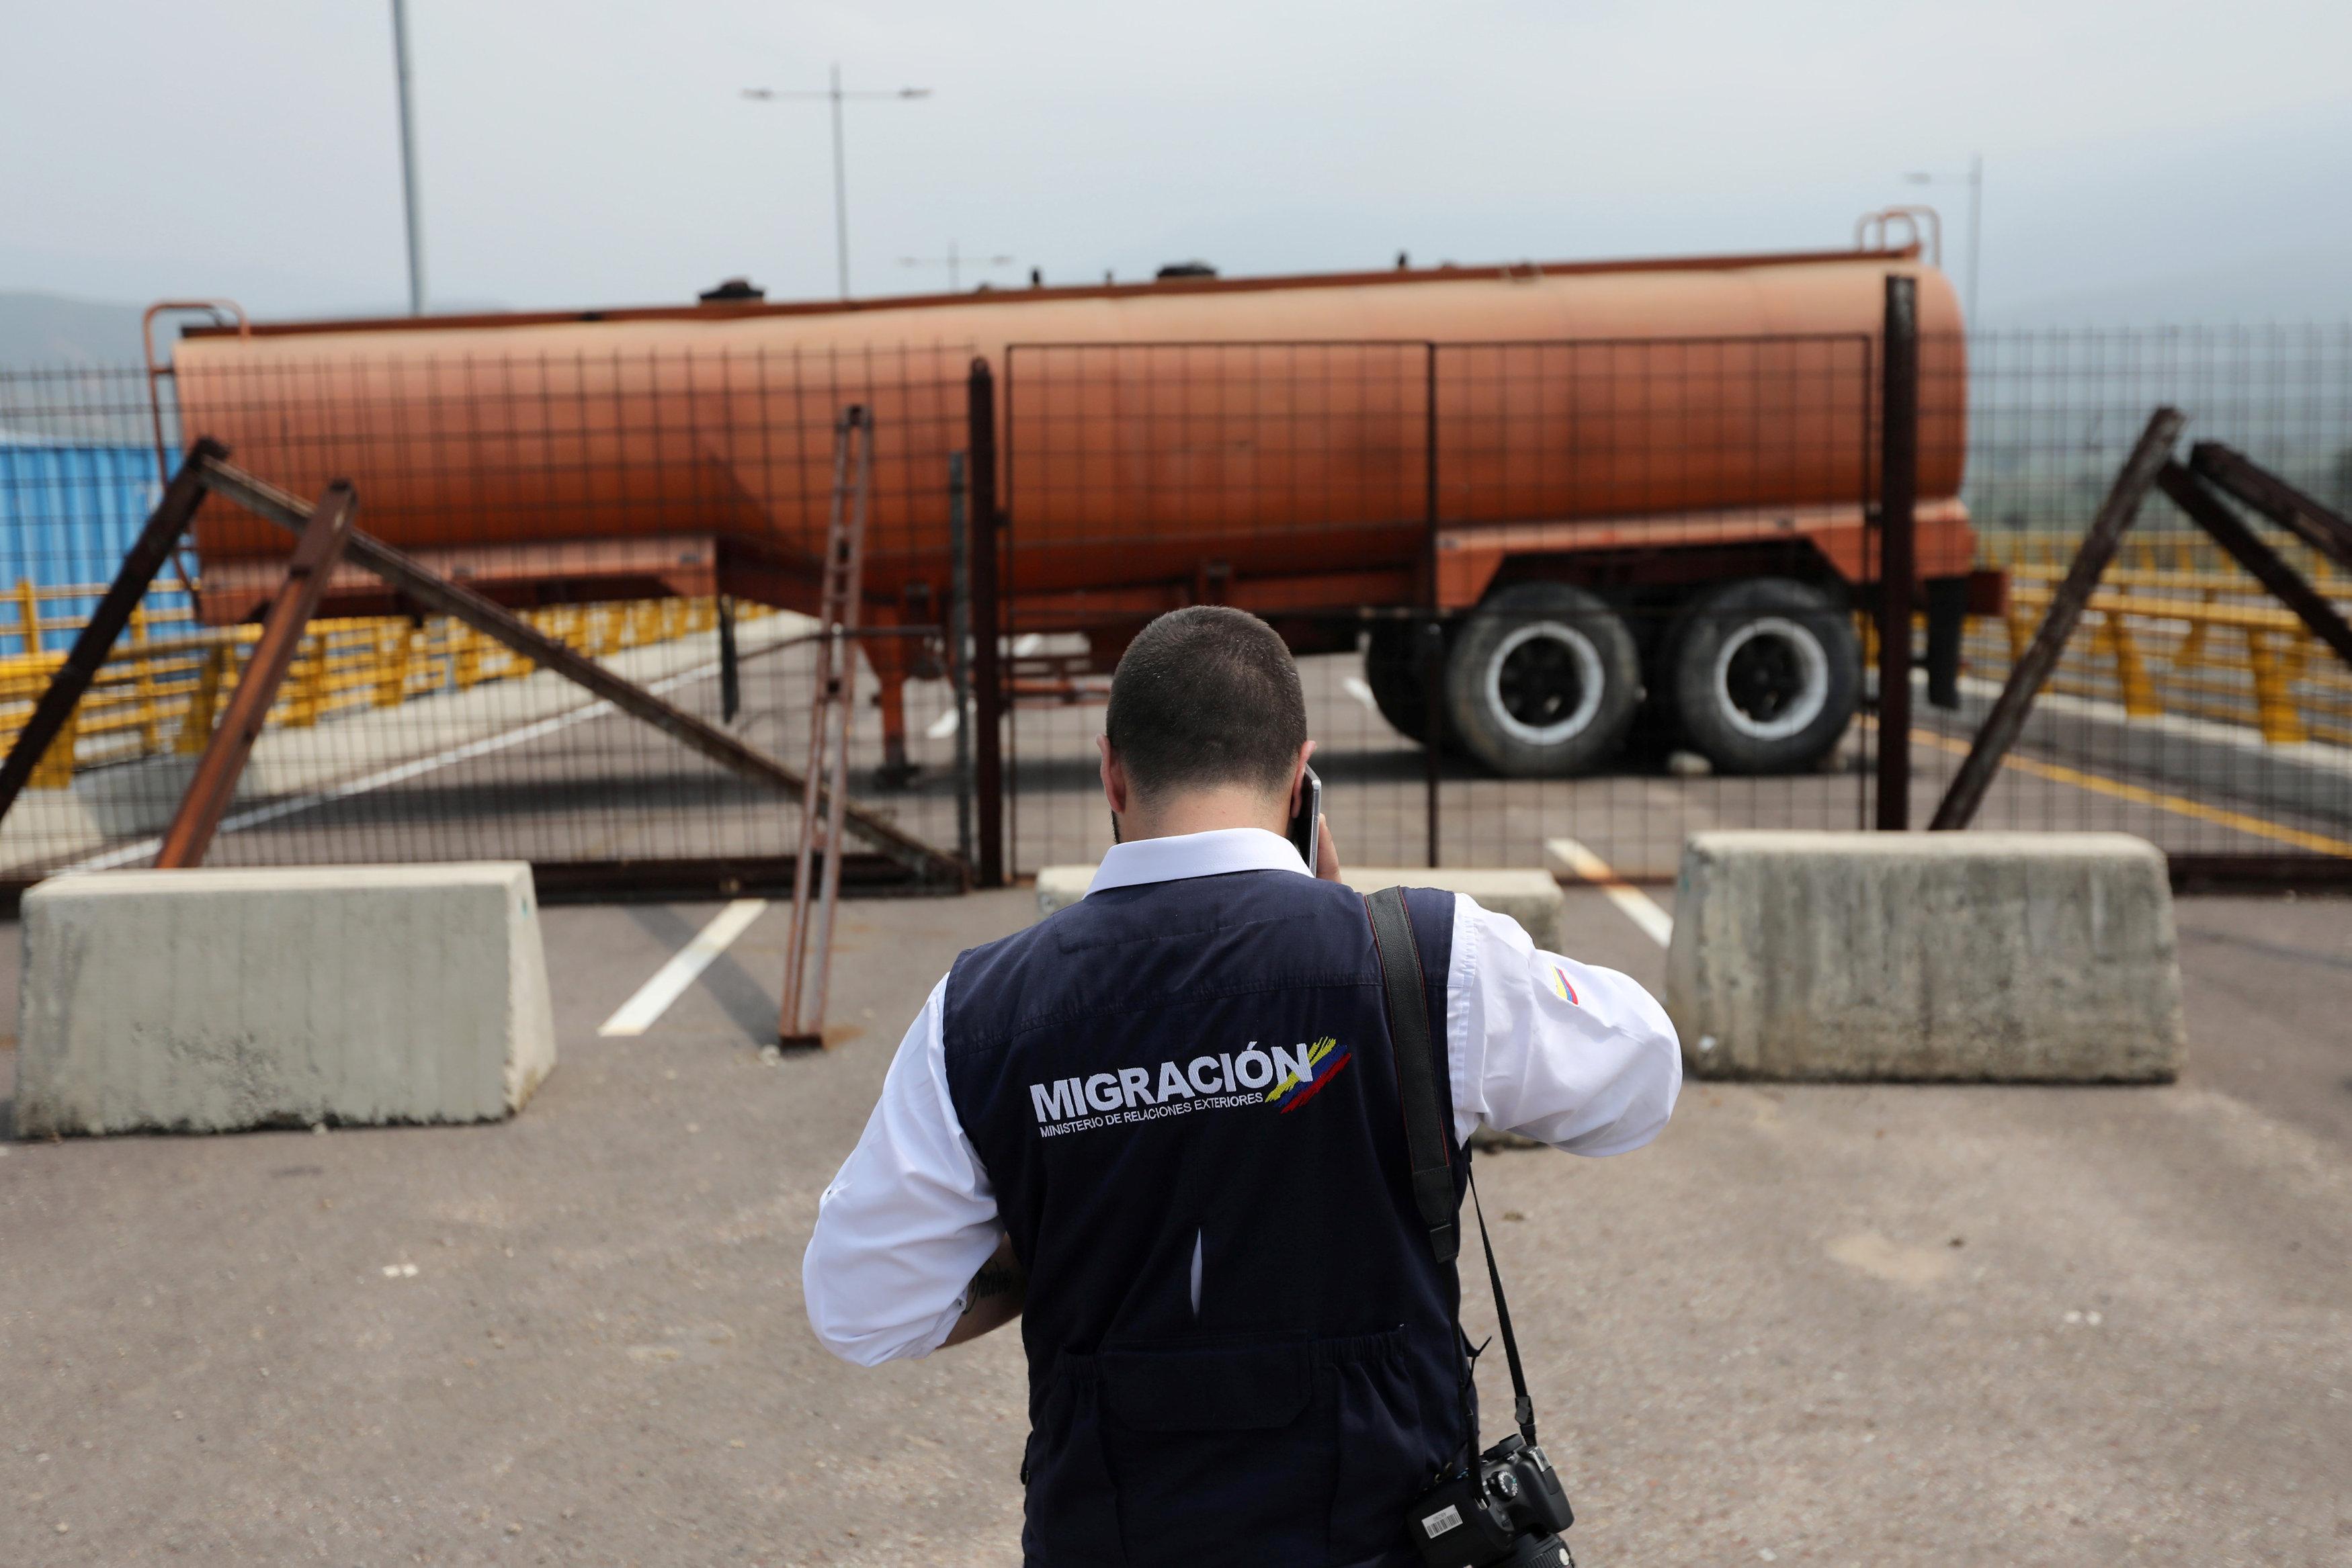 Las autoridades de migración colombianas indicaron que la Guardia Nacional de Venezuela construyó el bloqueo el martes